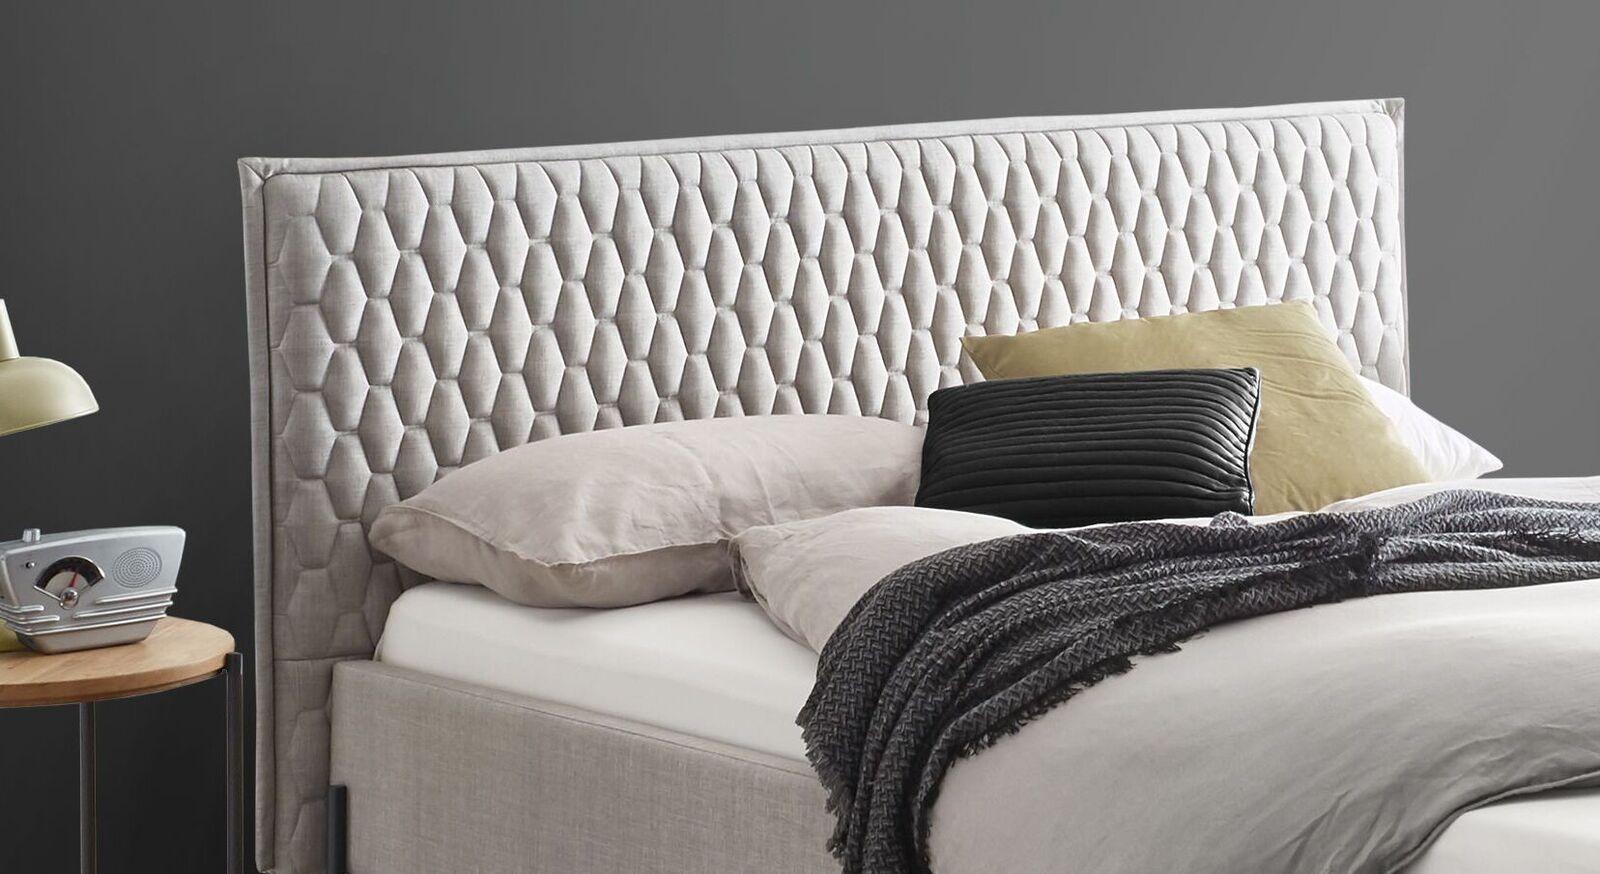 Trendiges Bett Eljas mit Wabensteppung am Kopfteil